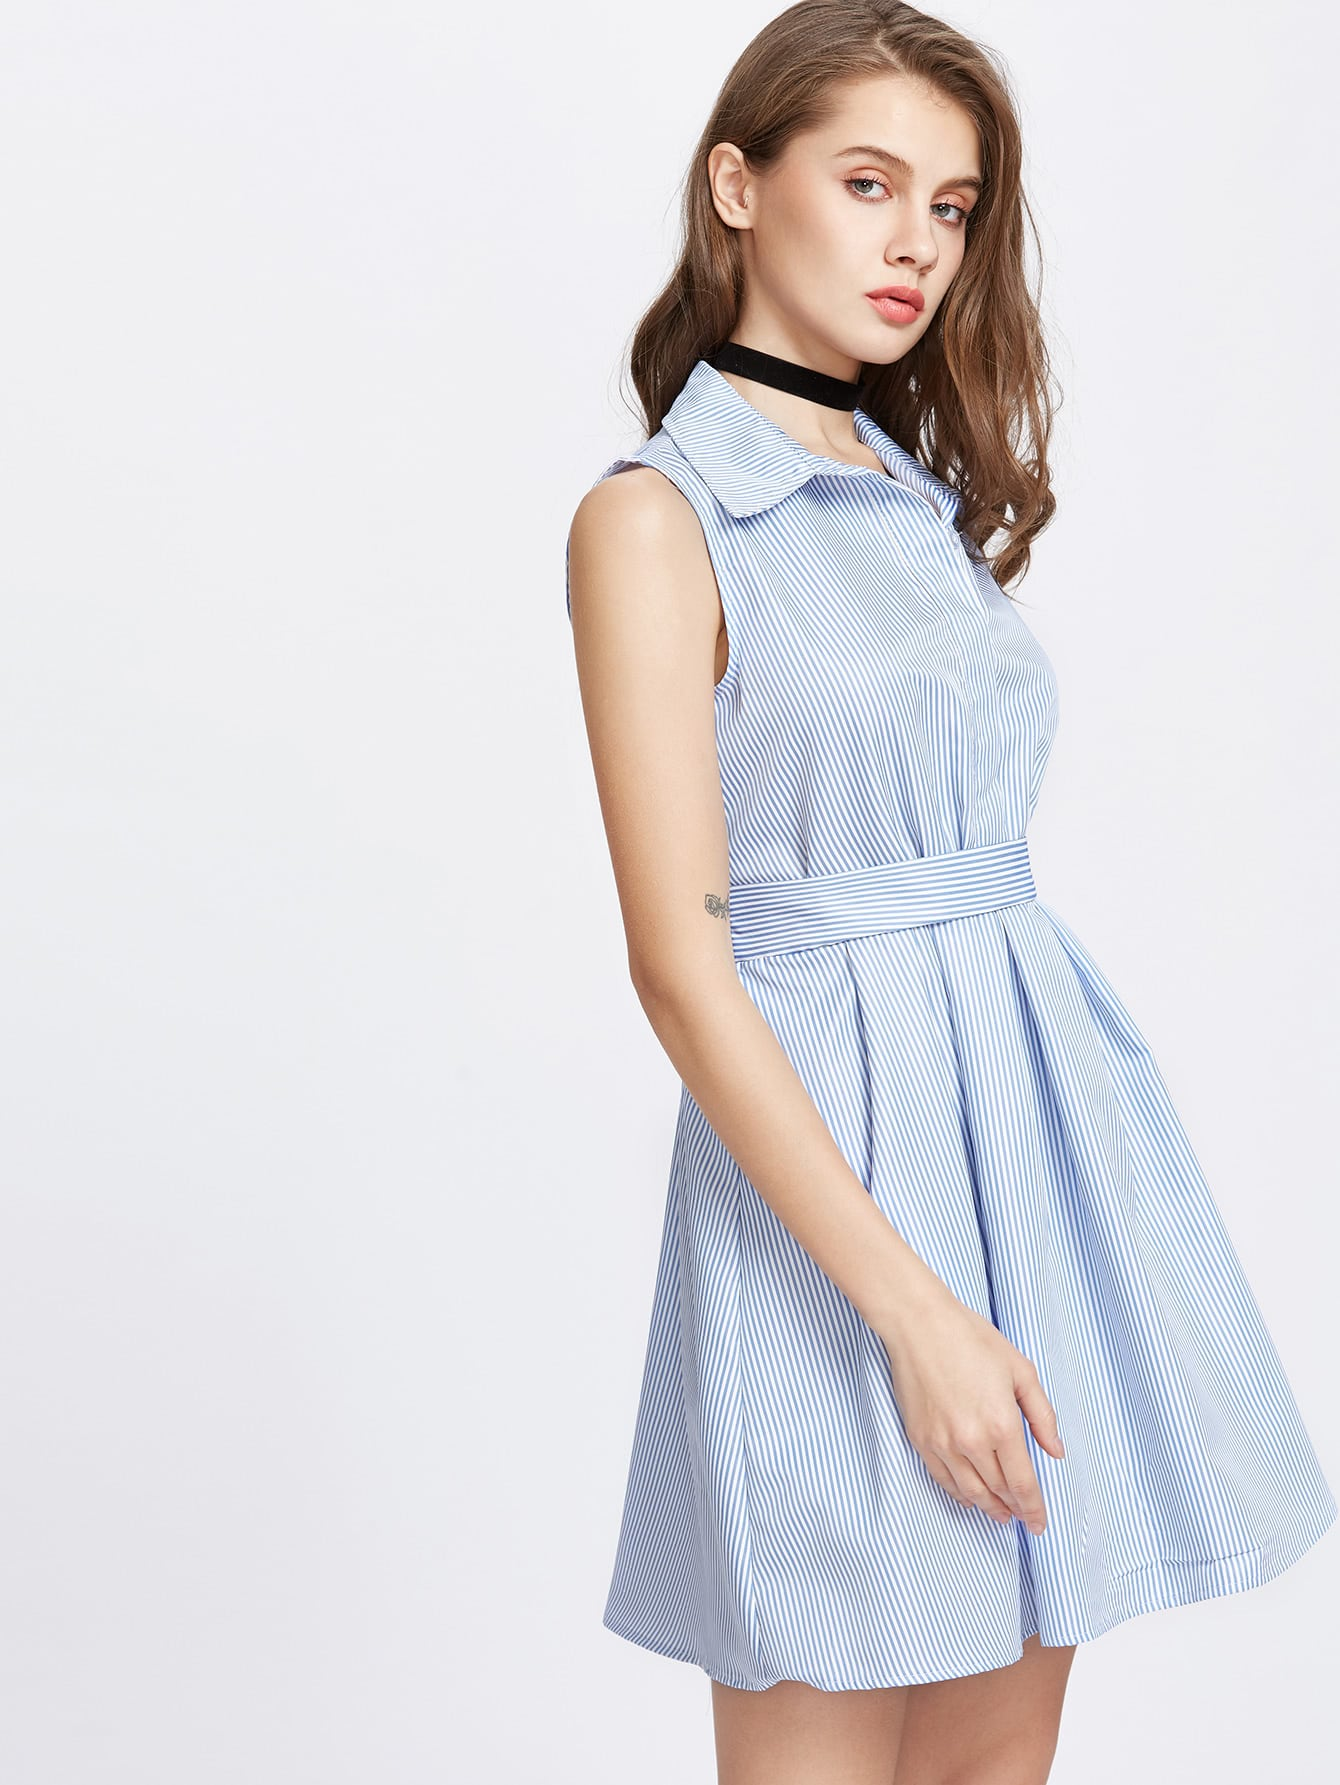 dress170313103_2